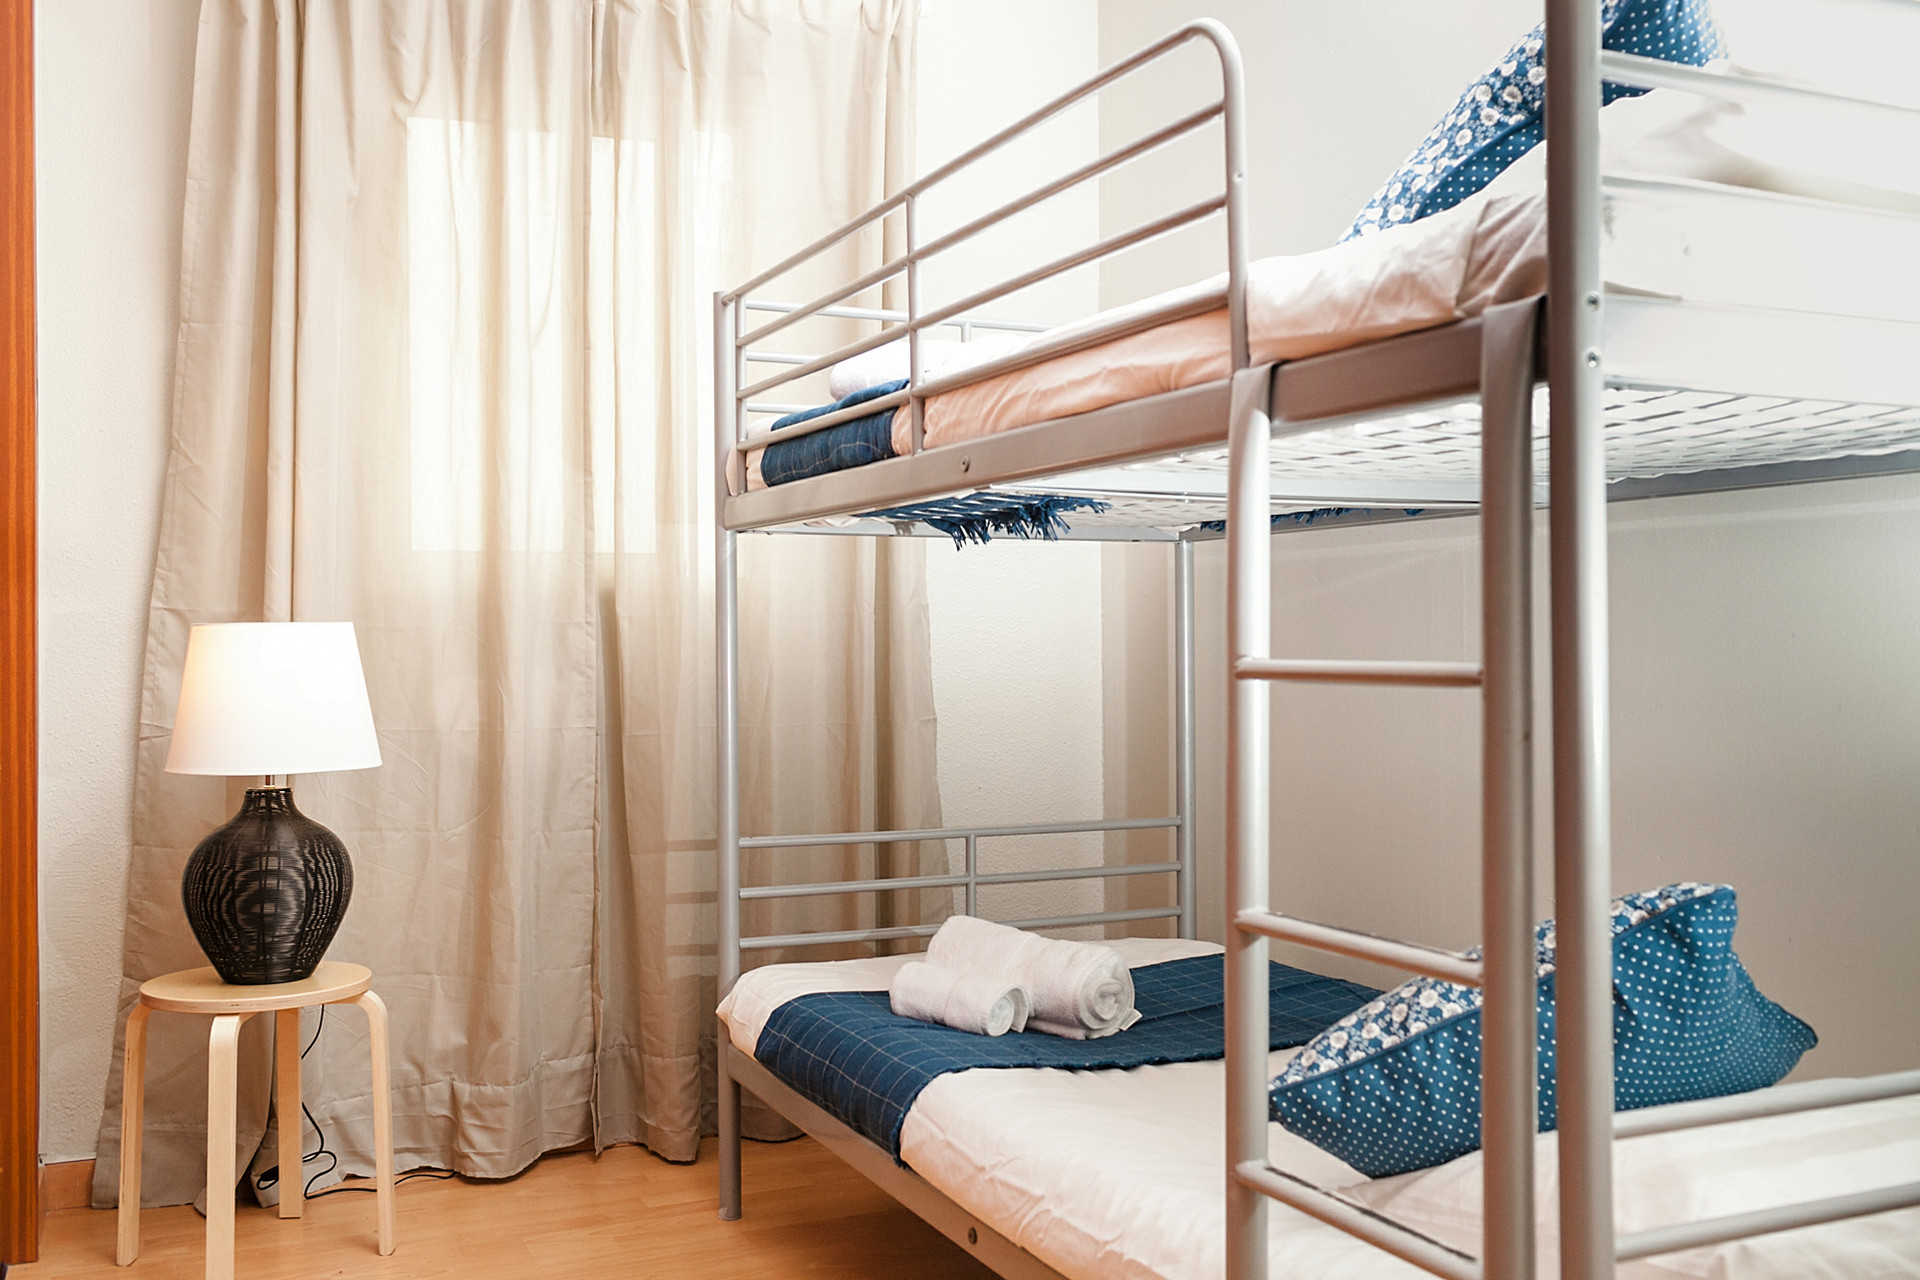 Encuentra un alquiler de apartamentos en sevilla. Apartamento 2 Habitaciones en Sevilla Centro Alfalfa ...